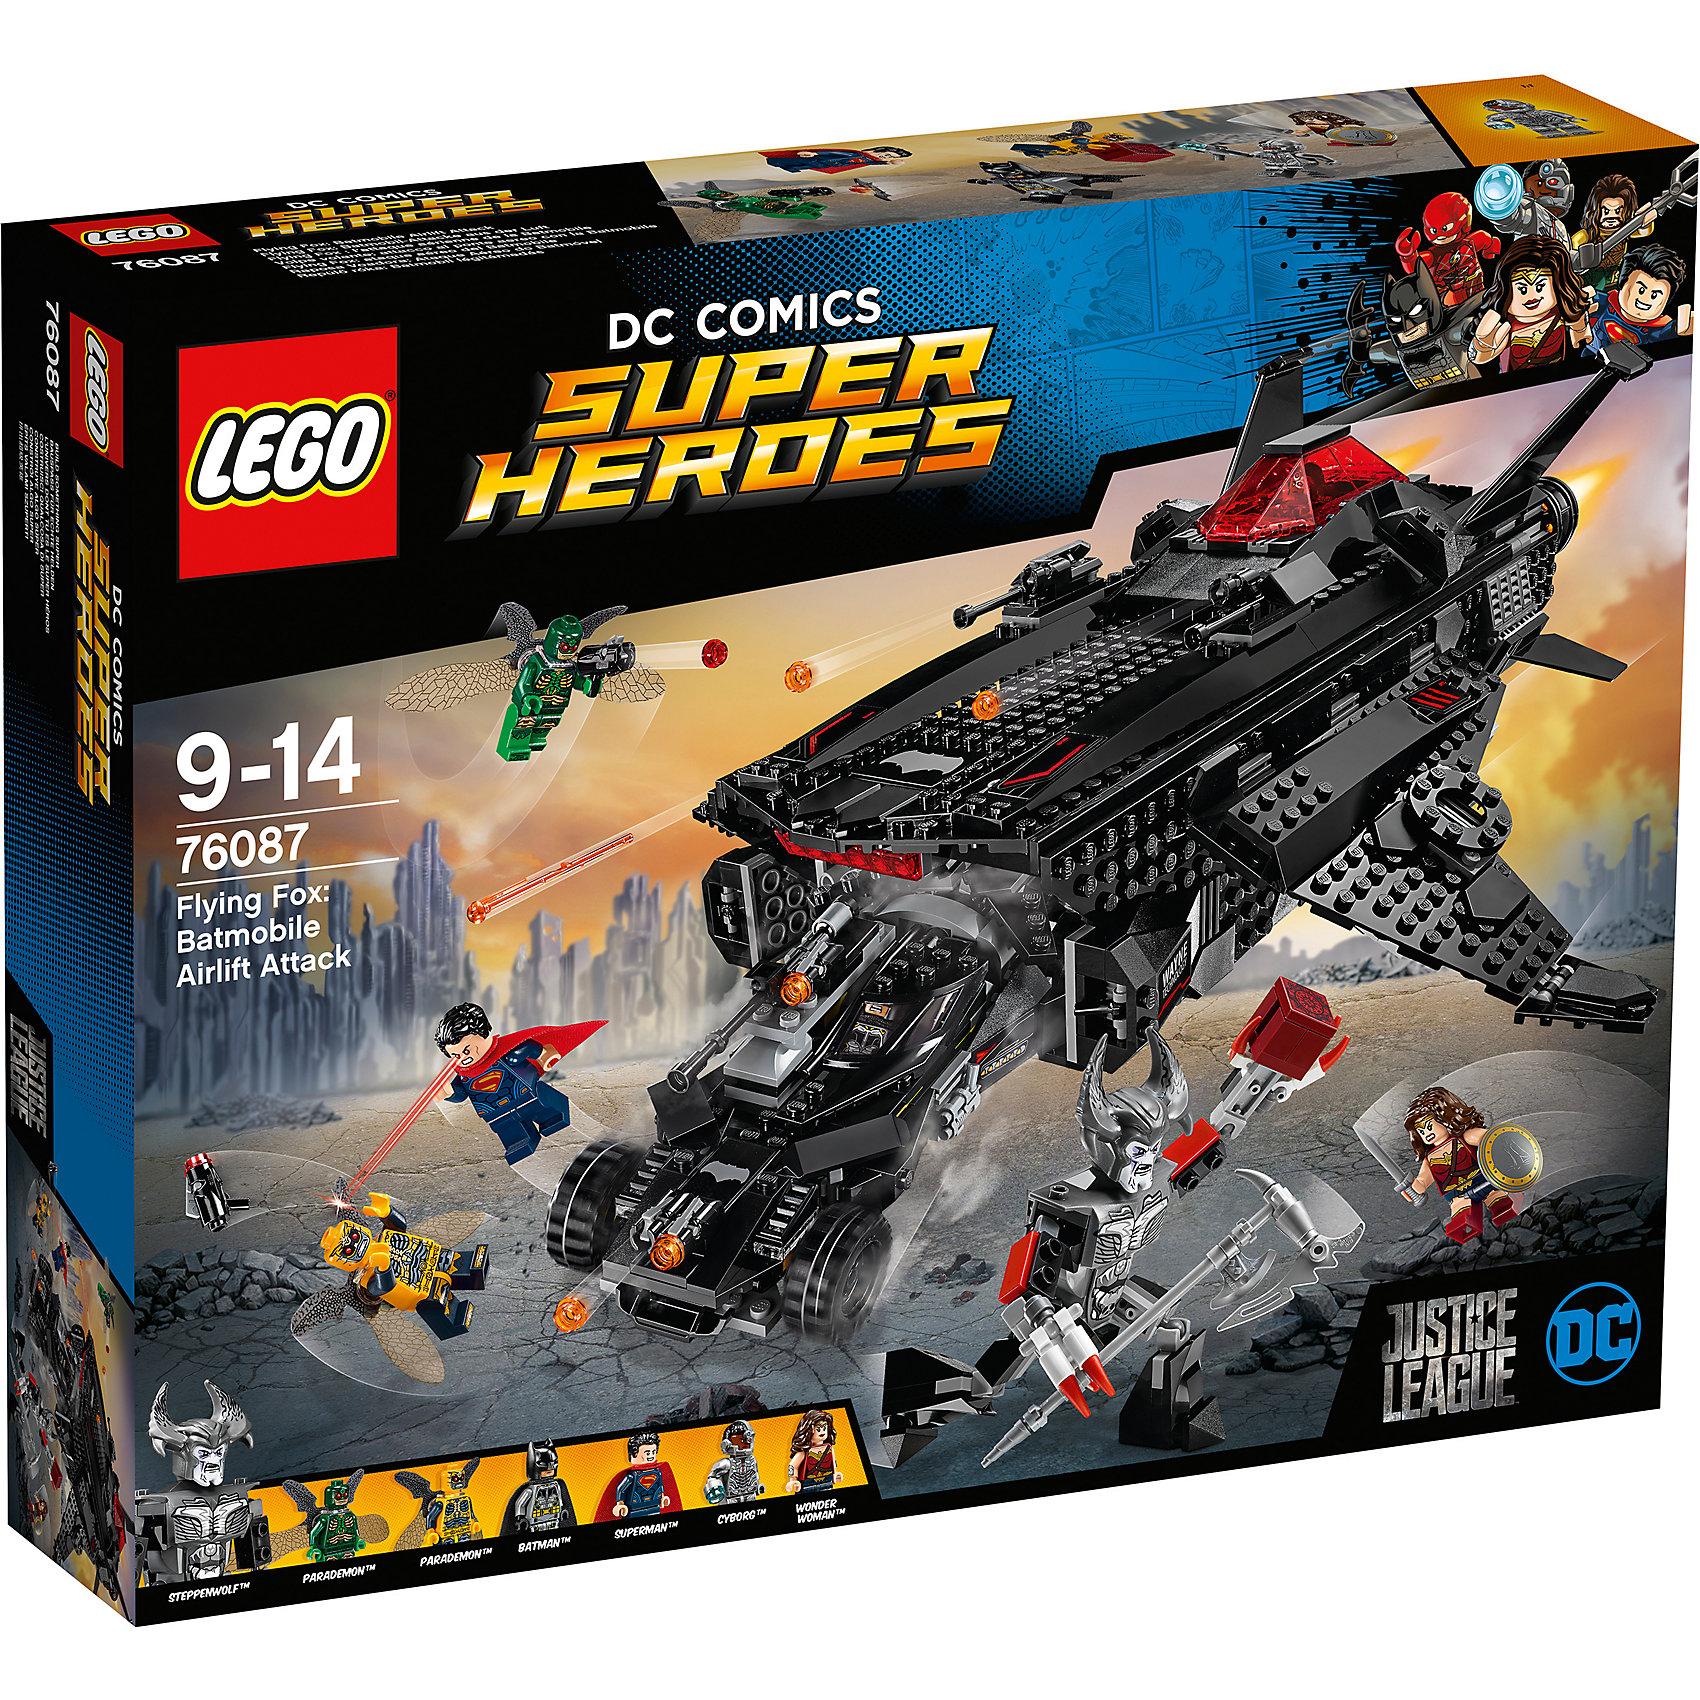 LEGO Super Heroes 76087: Нападение с воздухаПластмассовые конструкторы<br><br><br>Ширина мм: 481<br>Глубина мм: 375<br>Высота мм: 99<br>Вес г: 1752<br>Возраст от месяцев: 108<br>Возраст до месяцев: 168<br>Пол: Мужской<br>Возраст: Детский<br>SKU: 5620014